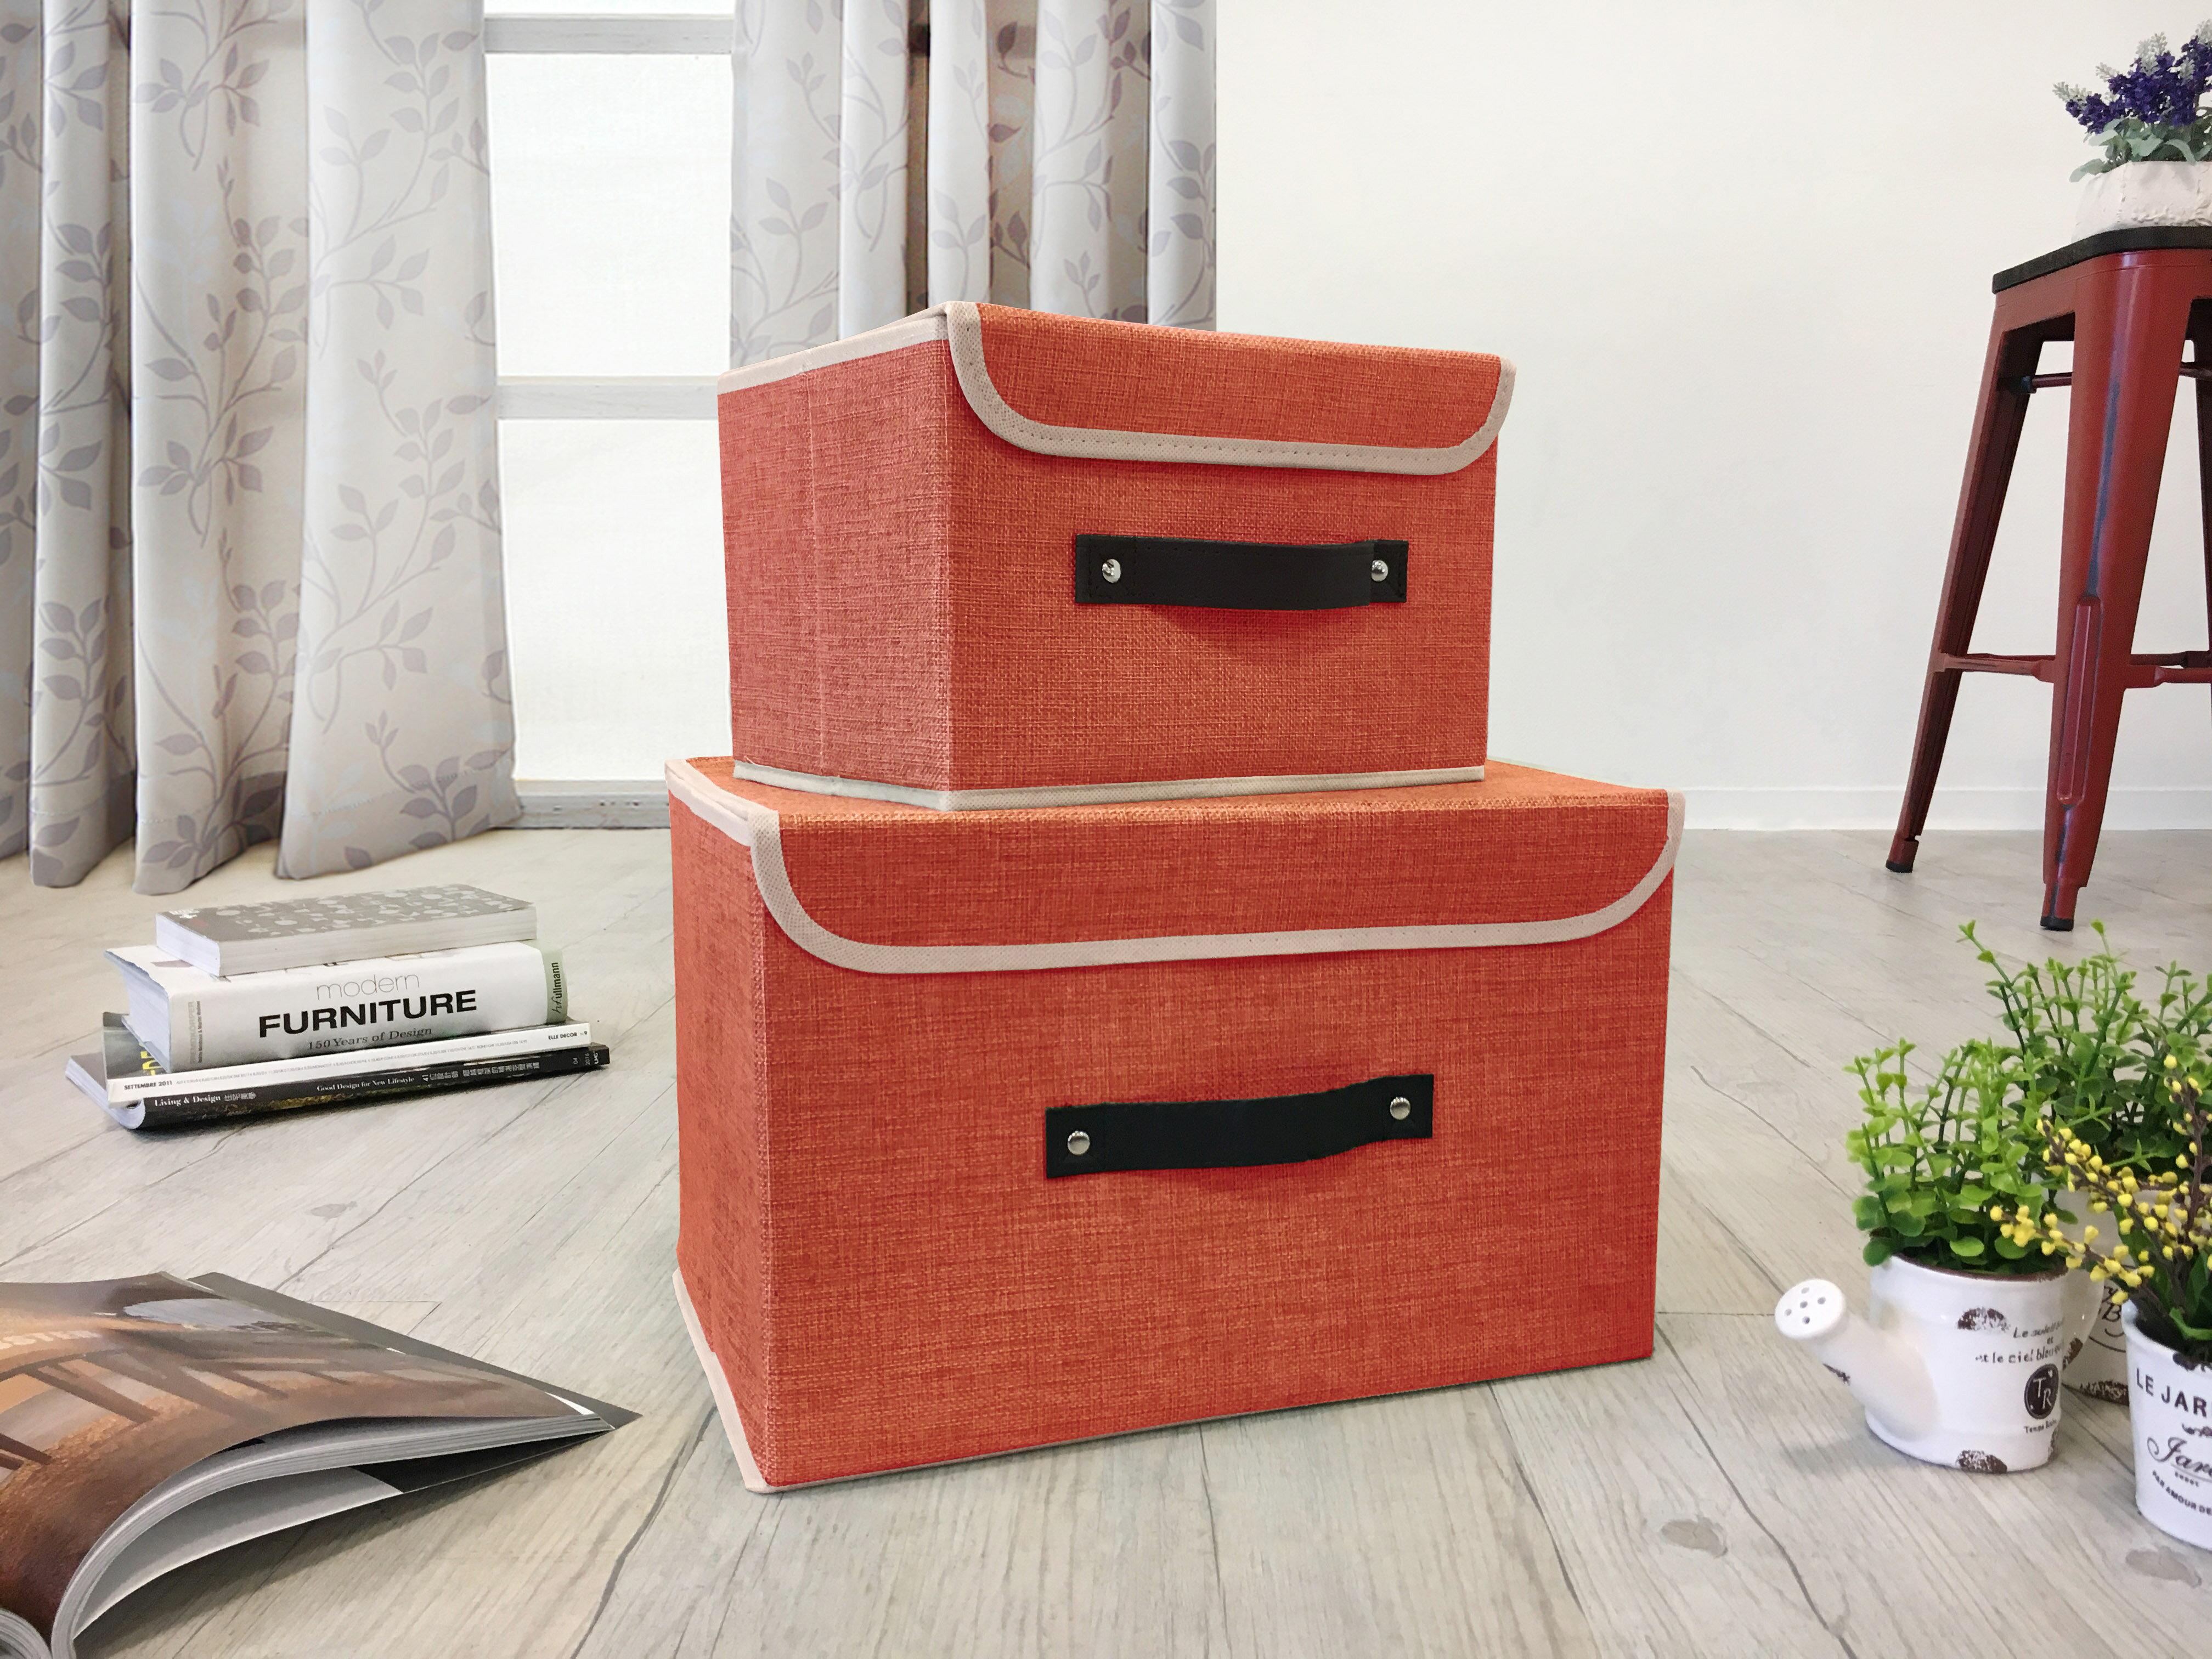 簡約 手提 收納箱 儲物箱 整理箱 玩具儲物箱 雜物收納 四色《卡拉》非 H  D ikea 宜家 !新 ! 樂天雙12